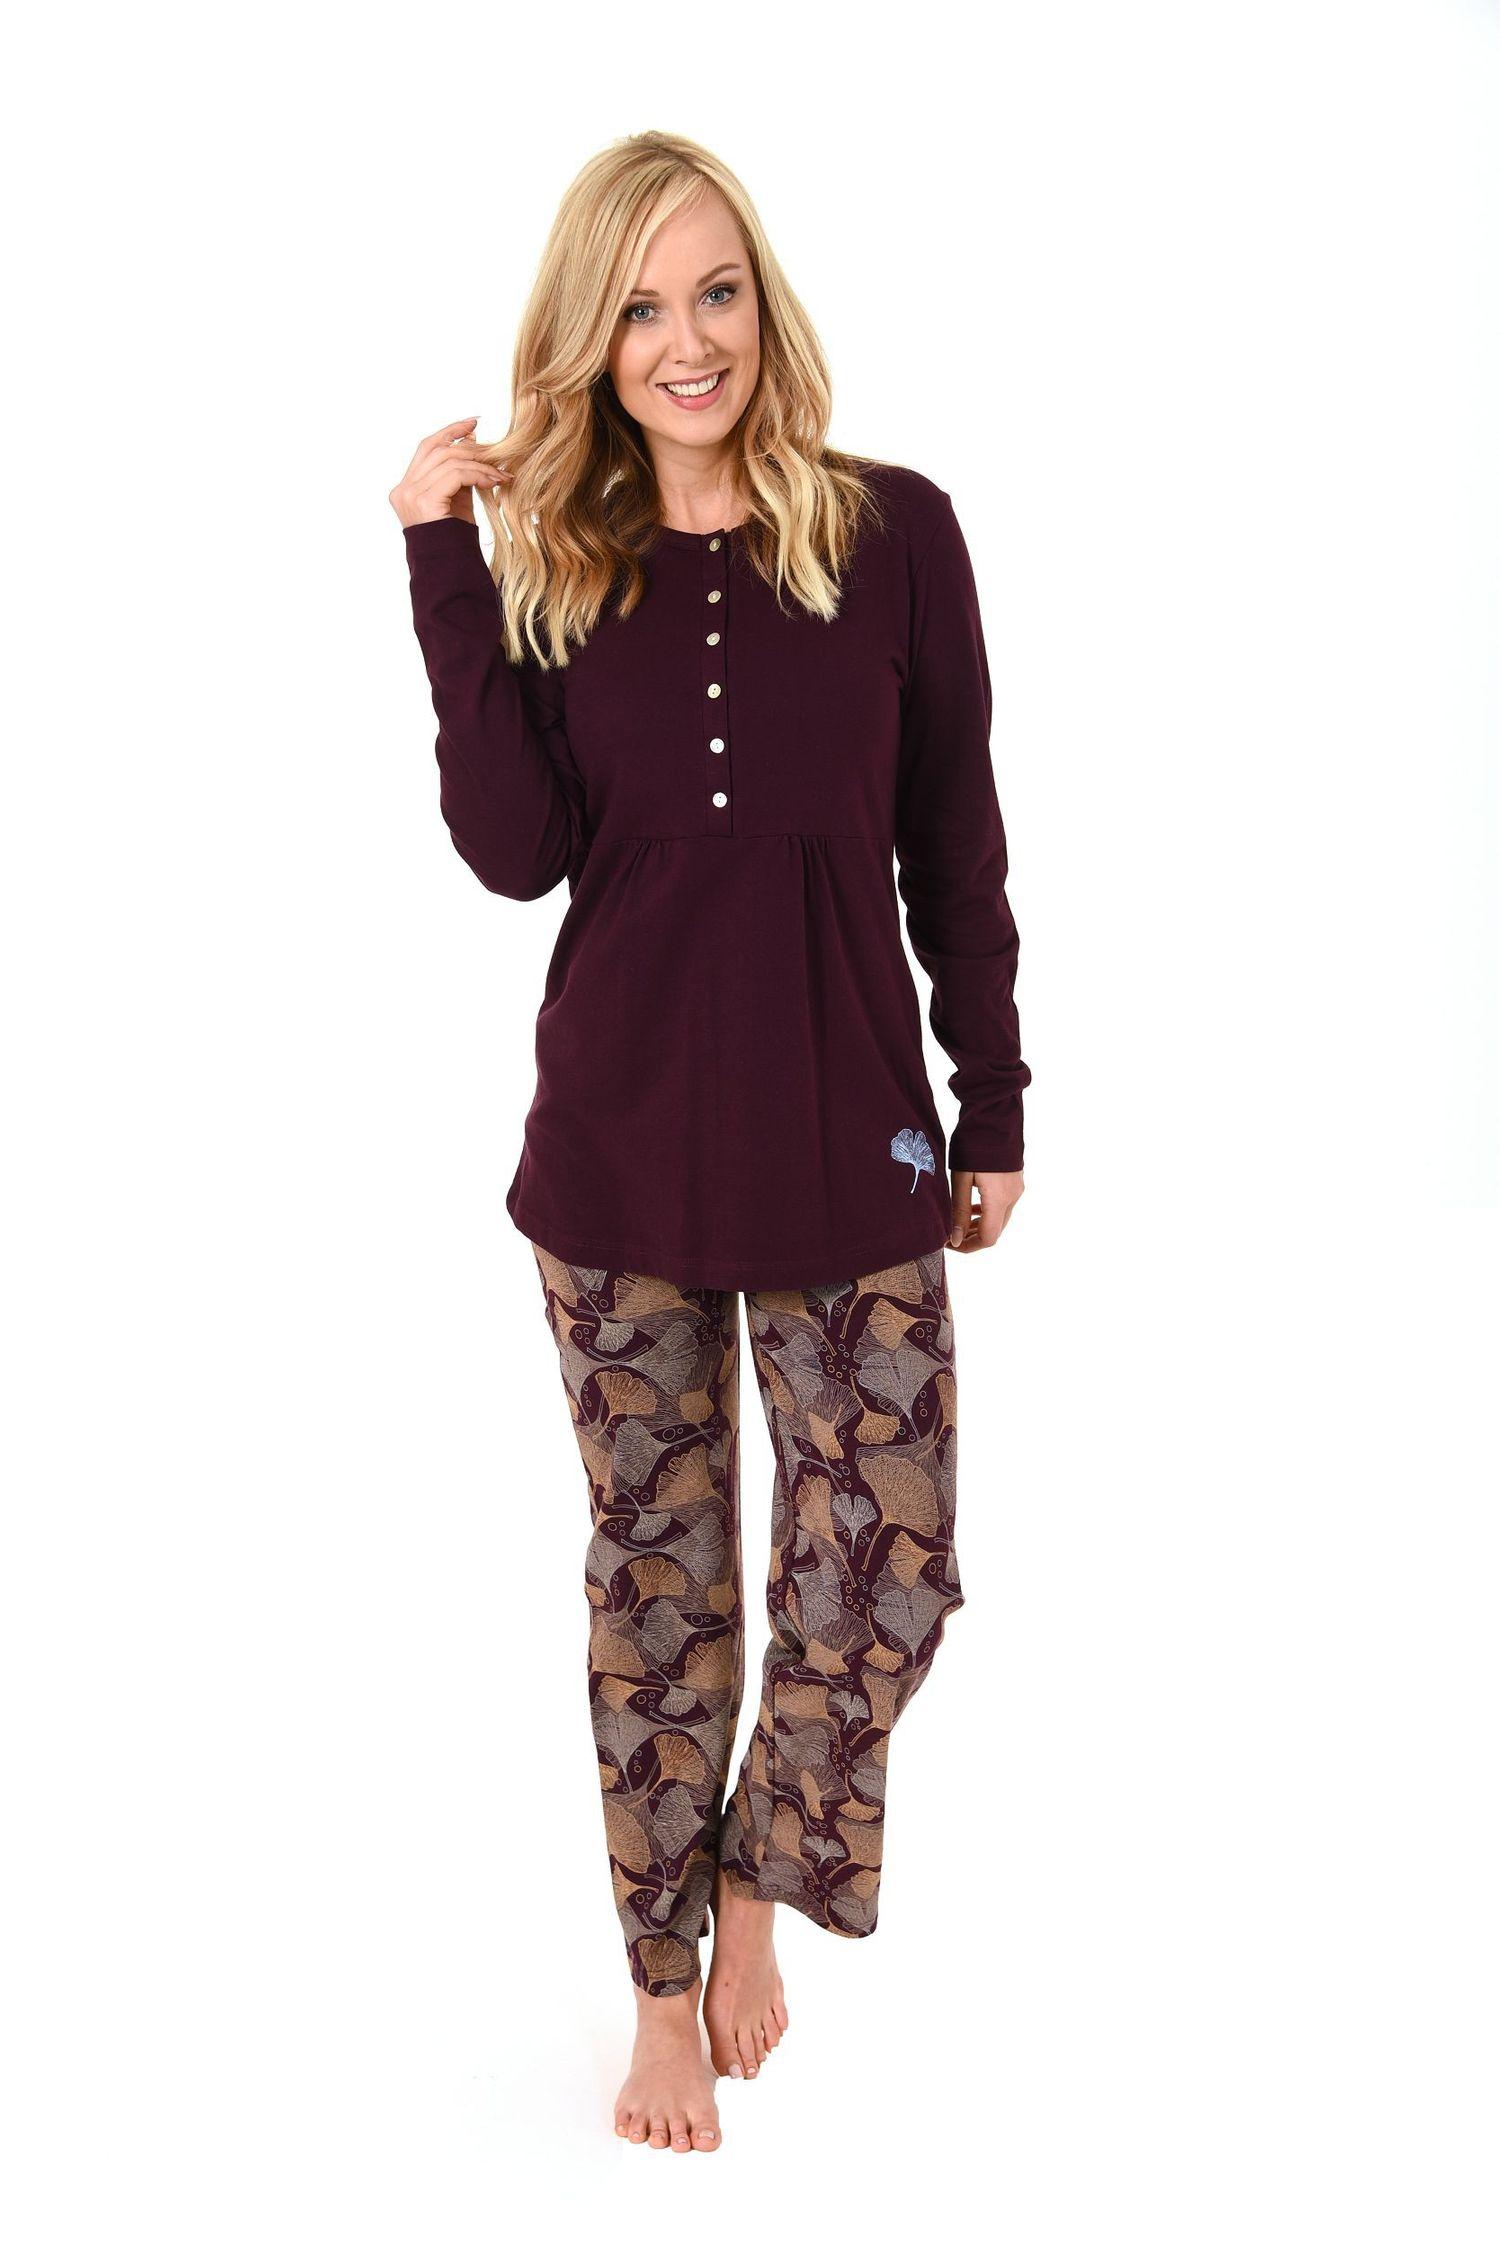 Damen Pyjama lang mit langer Knopfleiste auch als Still Pyjama geeignet